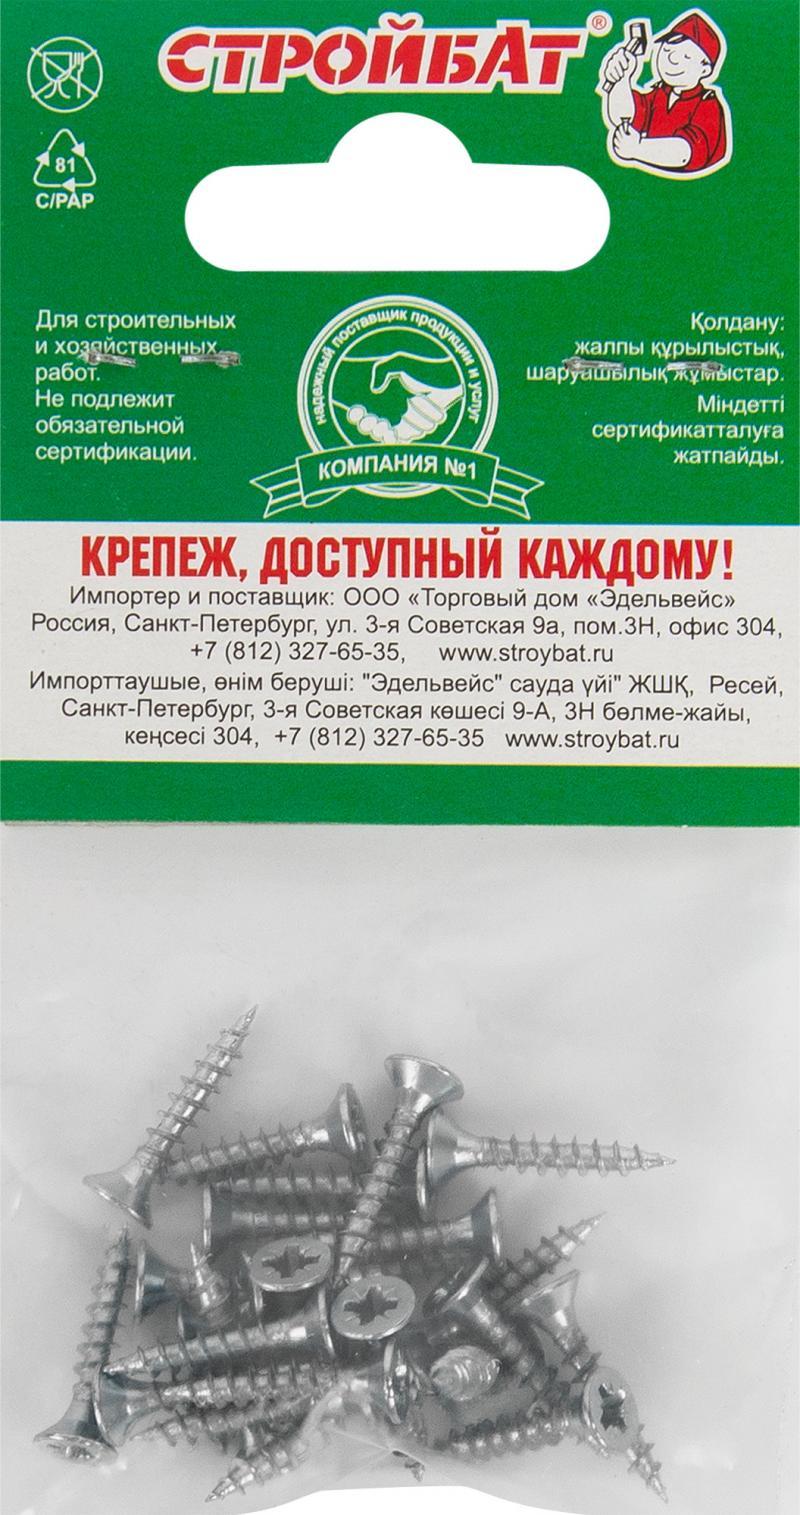 Саморезы универсальные, оцинкованные, 3.5Х20, упаковка 26 шт.